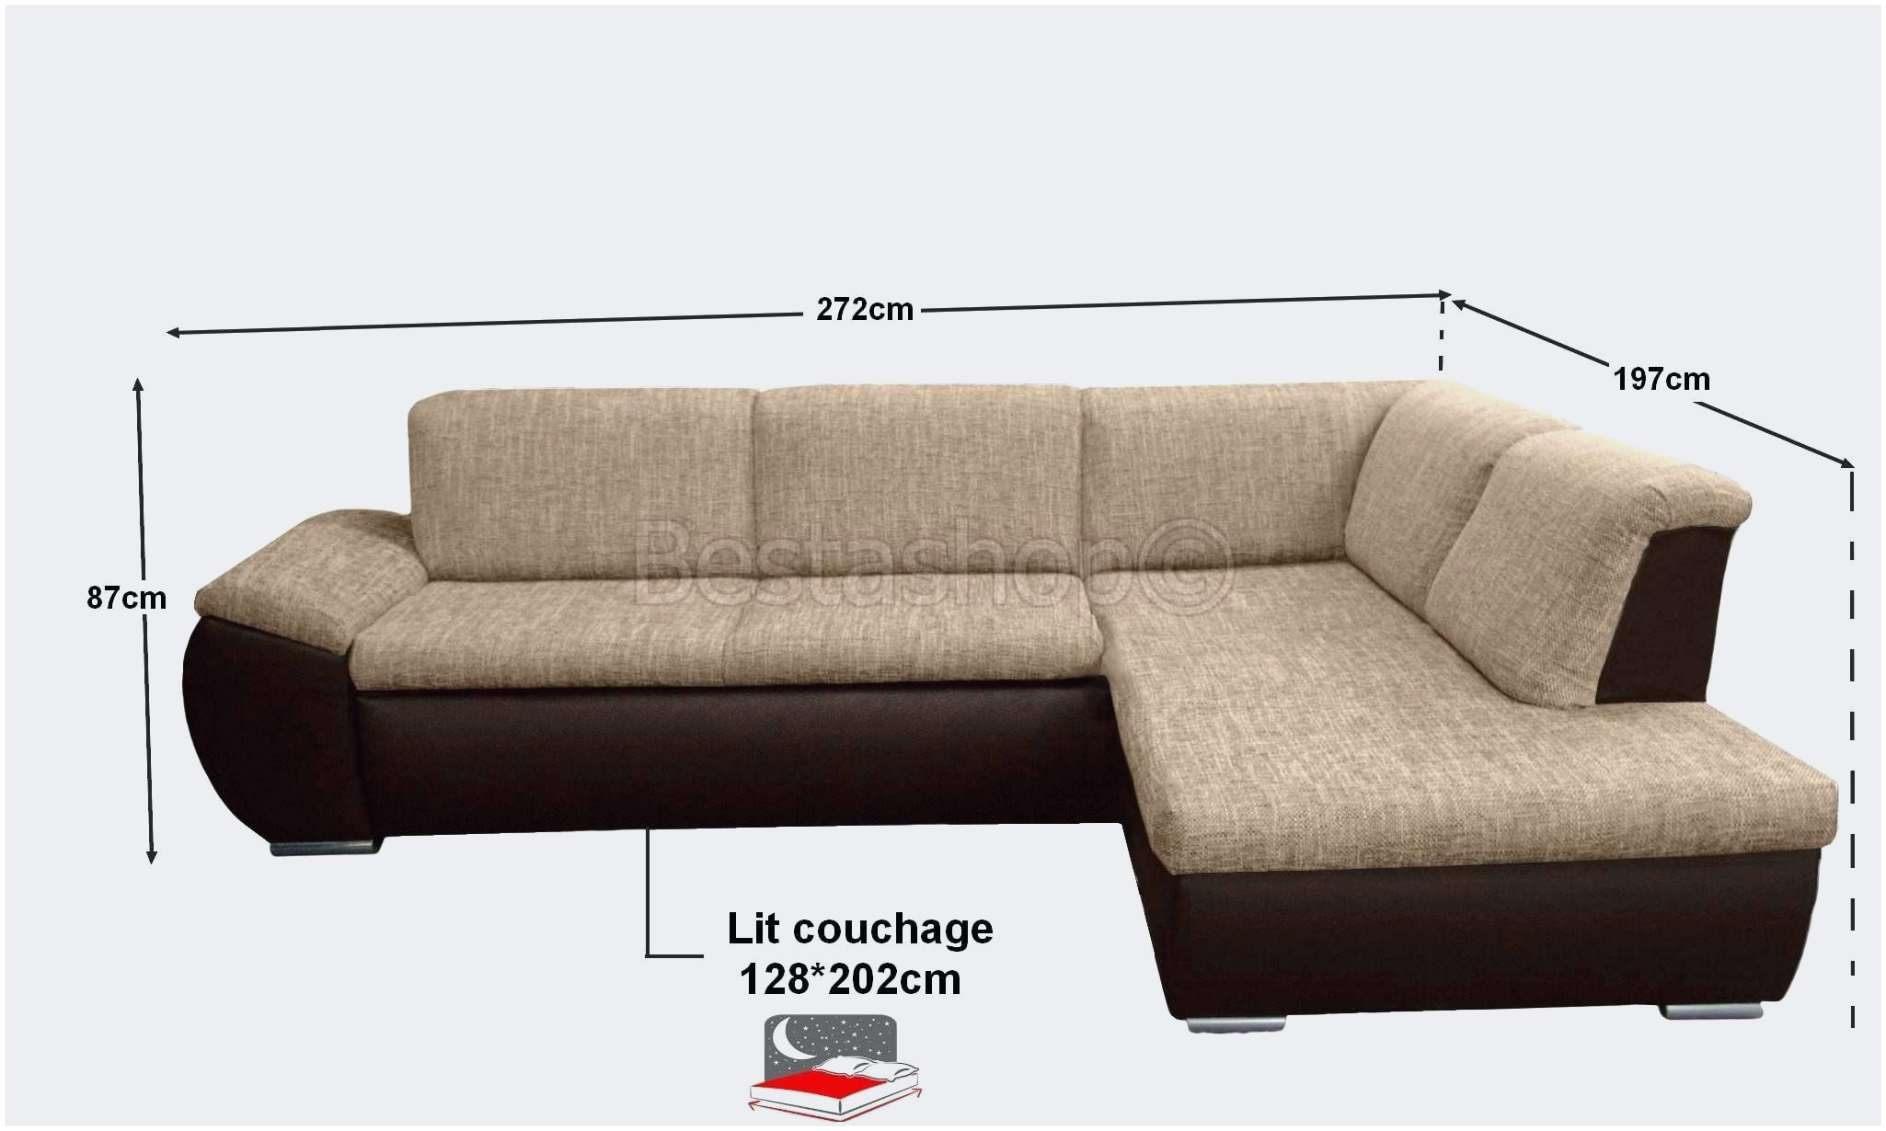 Canapé Lit Gigogne Adulte Charmant Unique Briliant Conforama Canapé Relax Electrique – Arturotoscanini